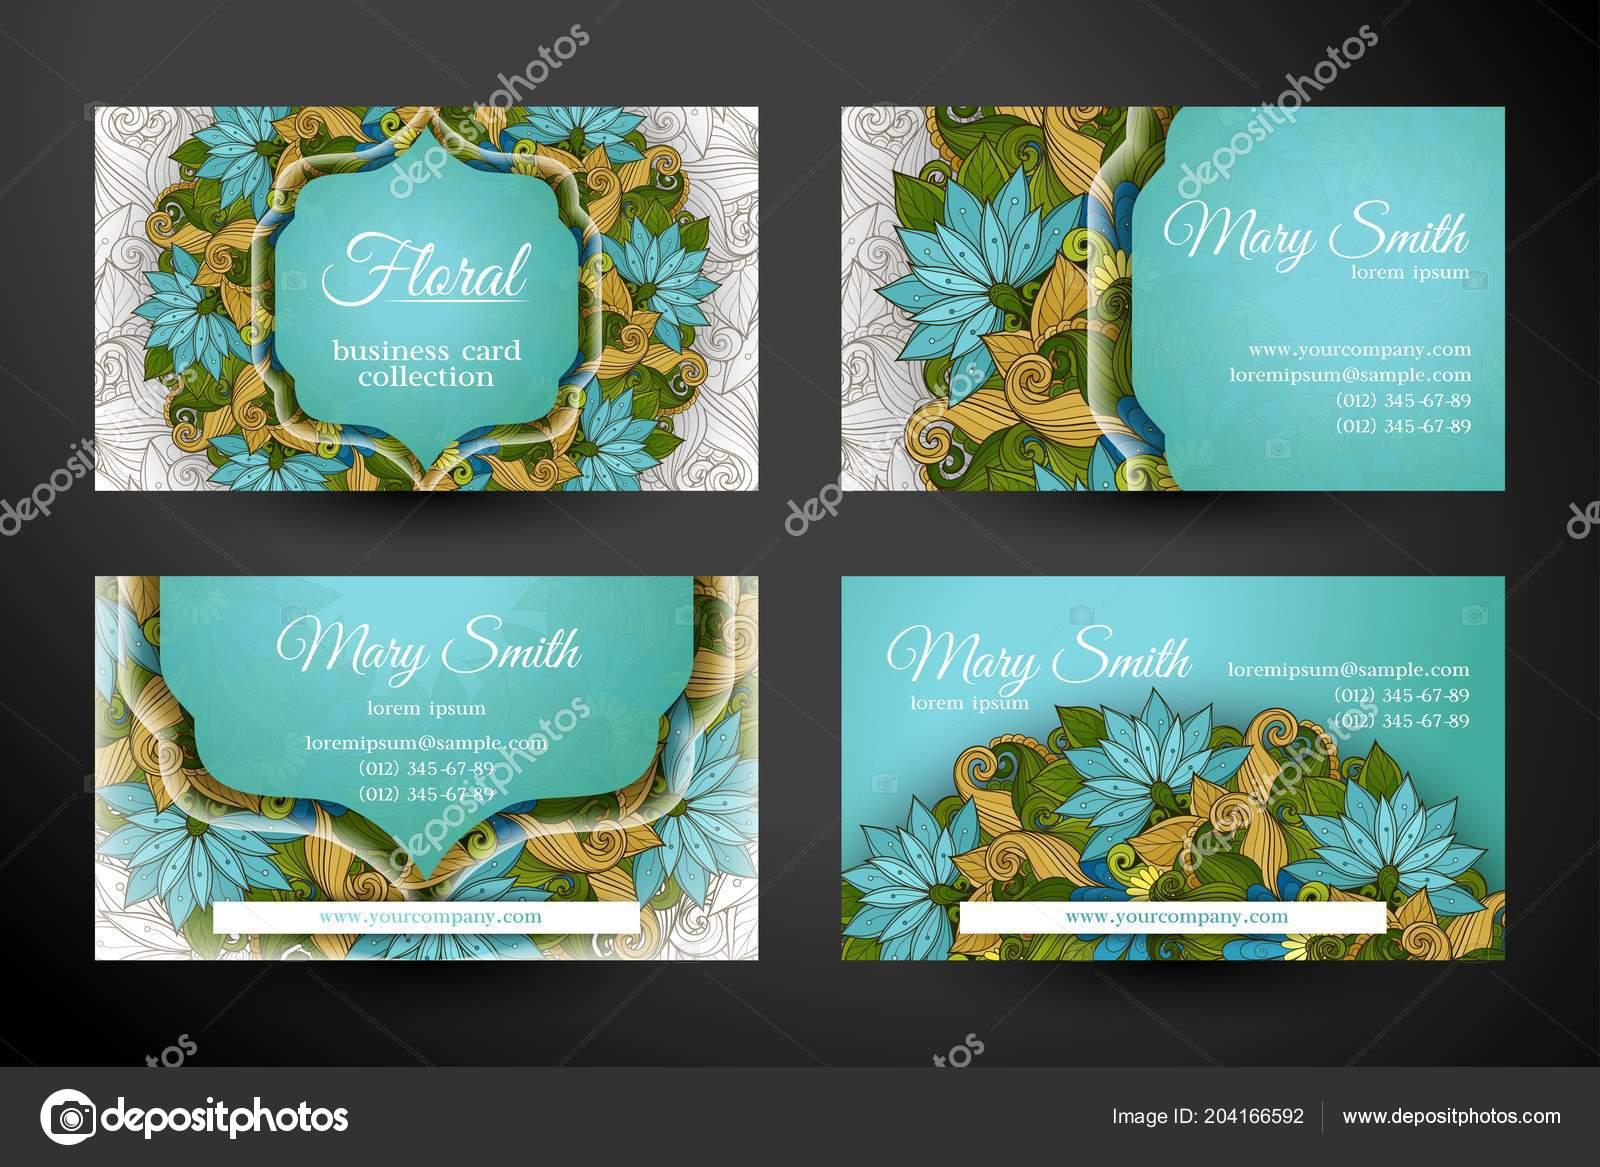 Jeu Cartes Visite Horizontale Avec Belles Fleurs Motifs Feminin Elegant Image Vectorielle